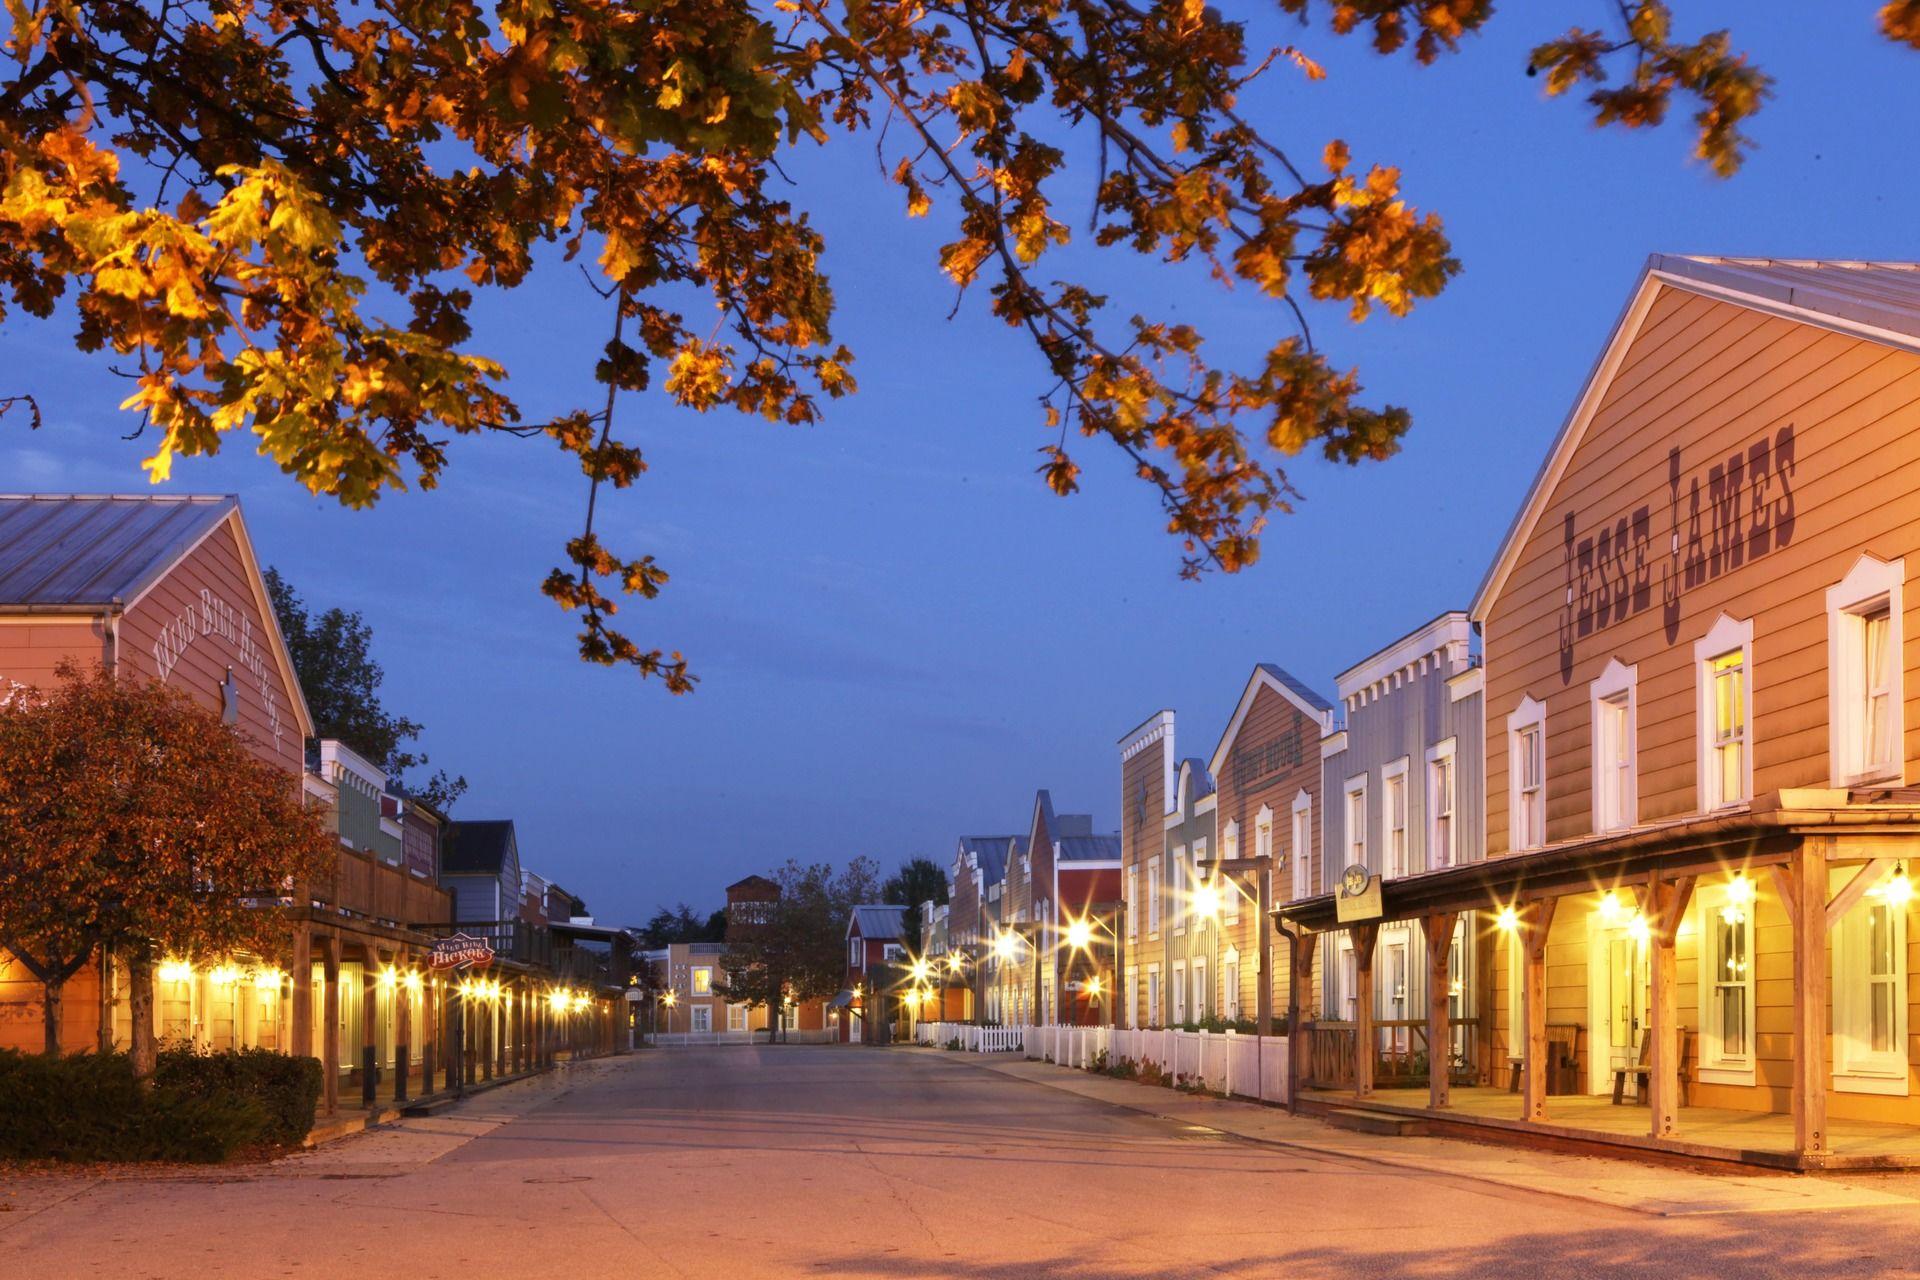 Séjour France - Disney's Hôtel Cheyenne - Jusqu'à -35% sur votre séjour + séjour offert pour les moins de 12 ans!